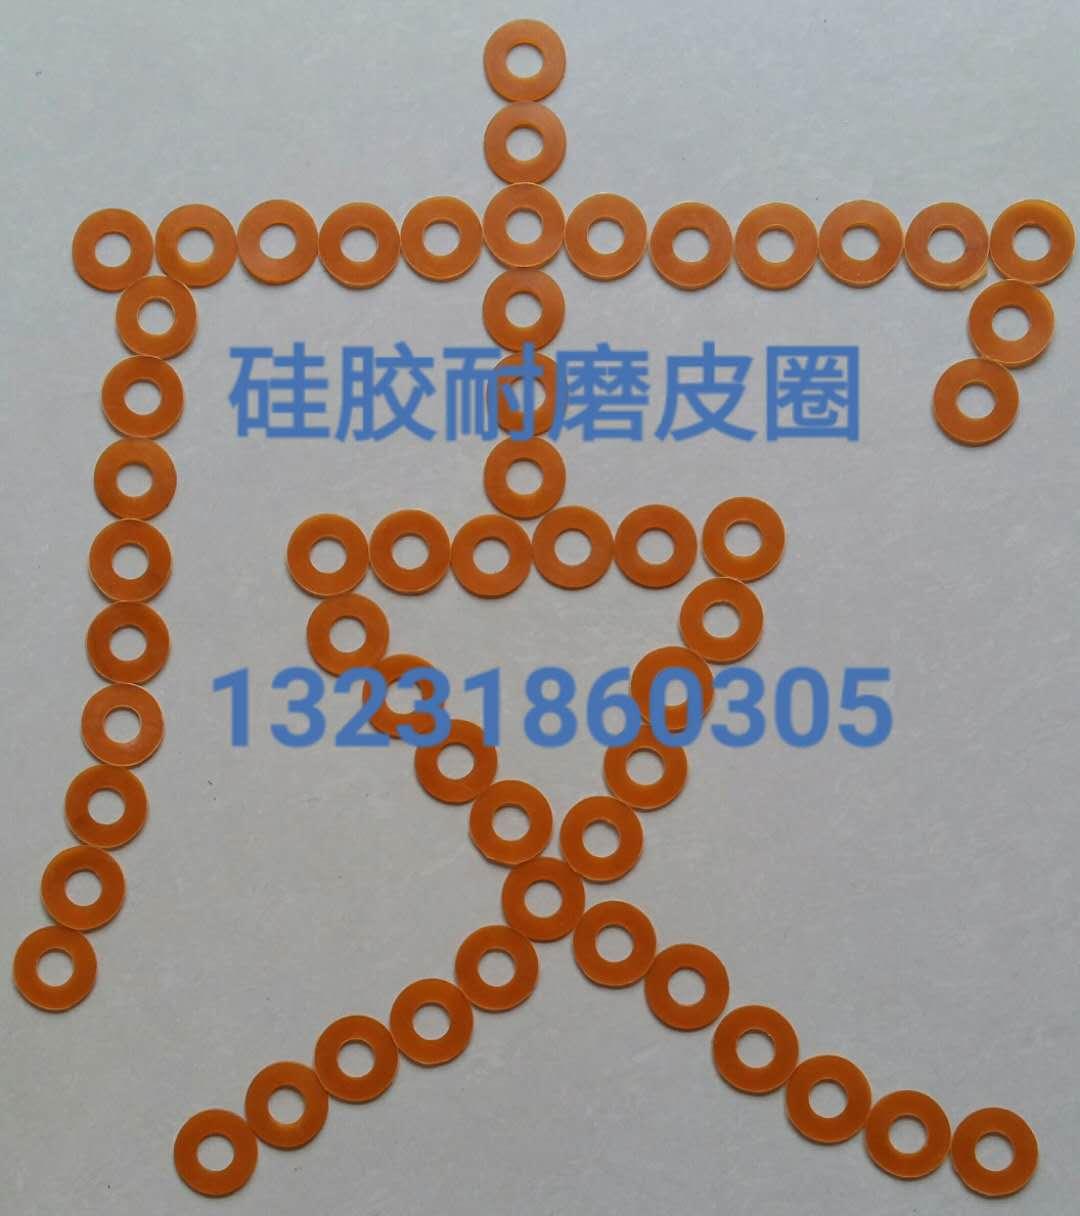 乌兰察布市卓资橡胶尼龙件专业生产商纺织厂用13231860305